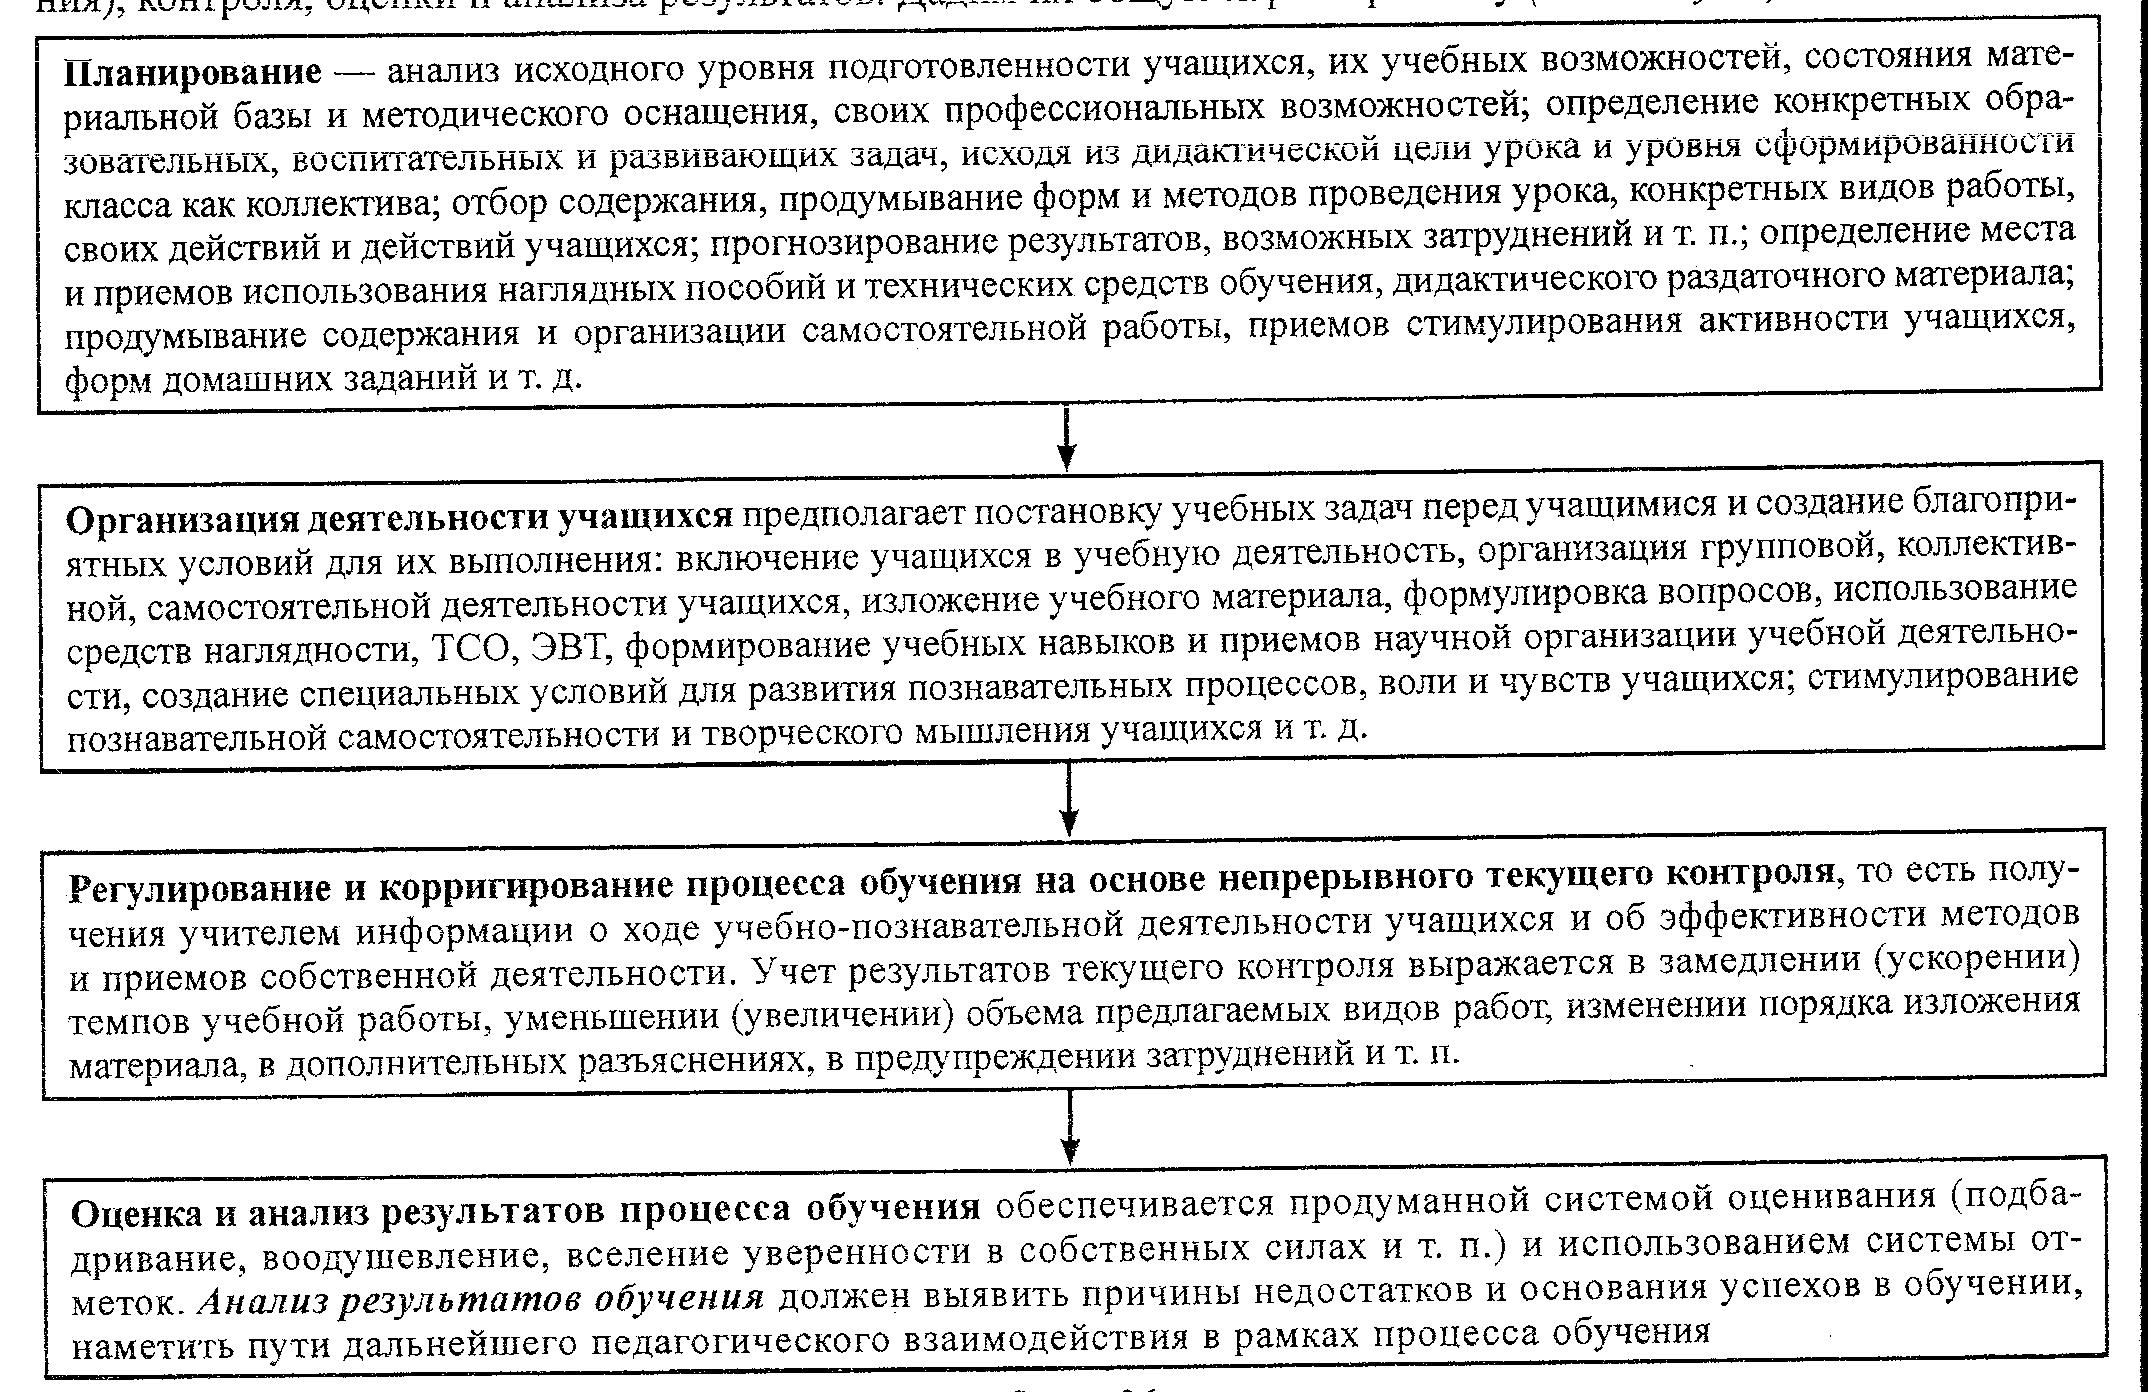 Схема этапы планирования